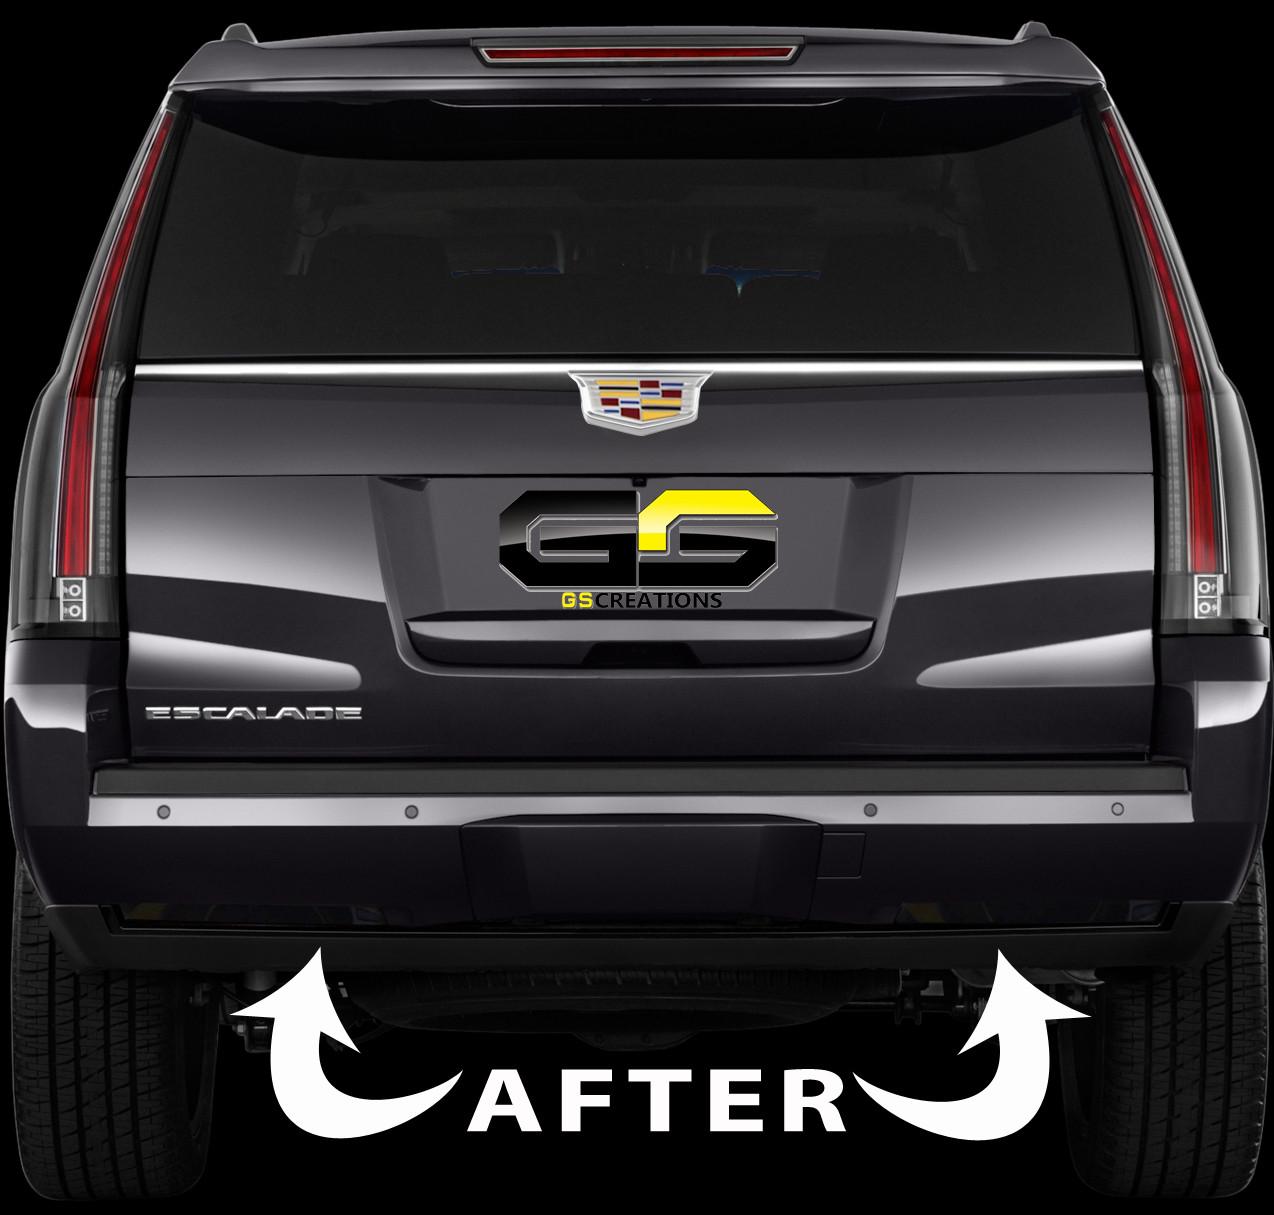 2015 2018 Cadillac Escalade Rear Bumper Reflector